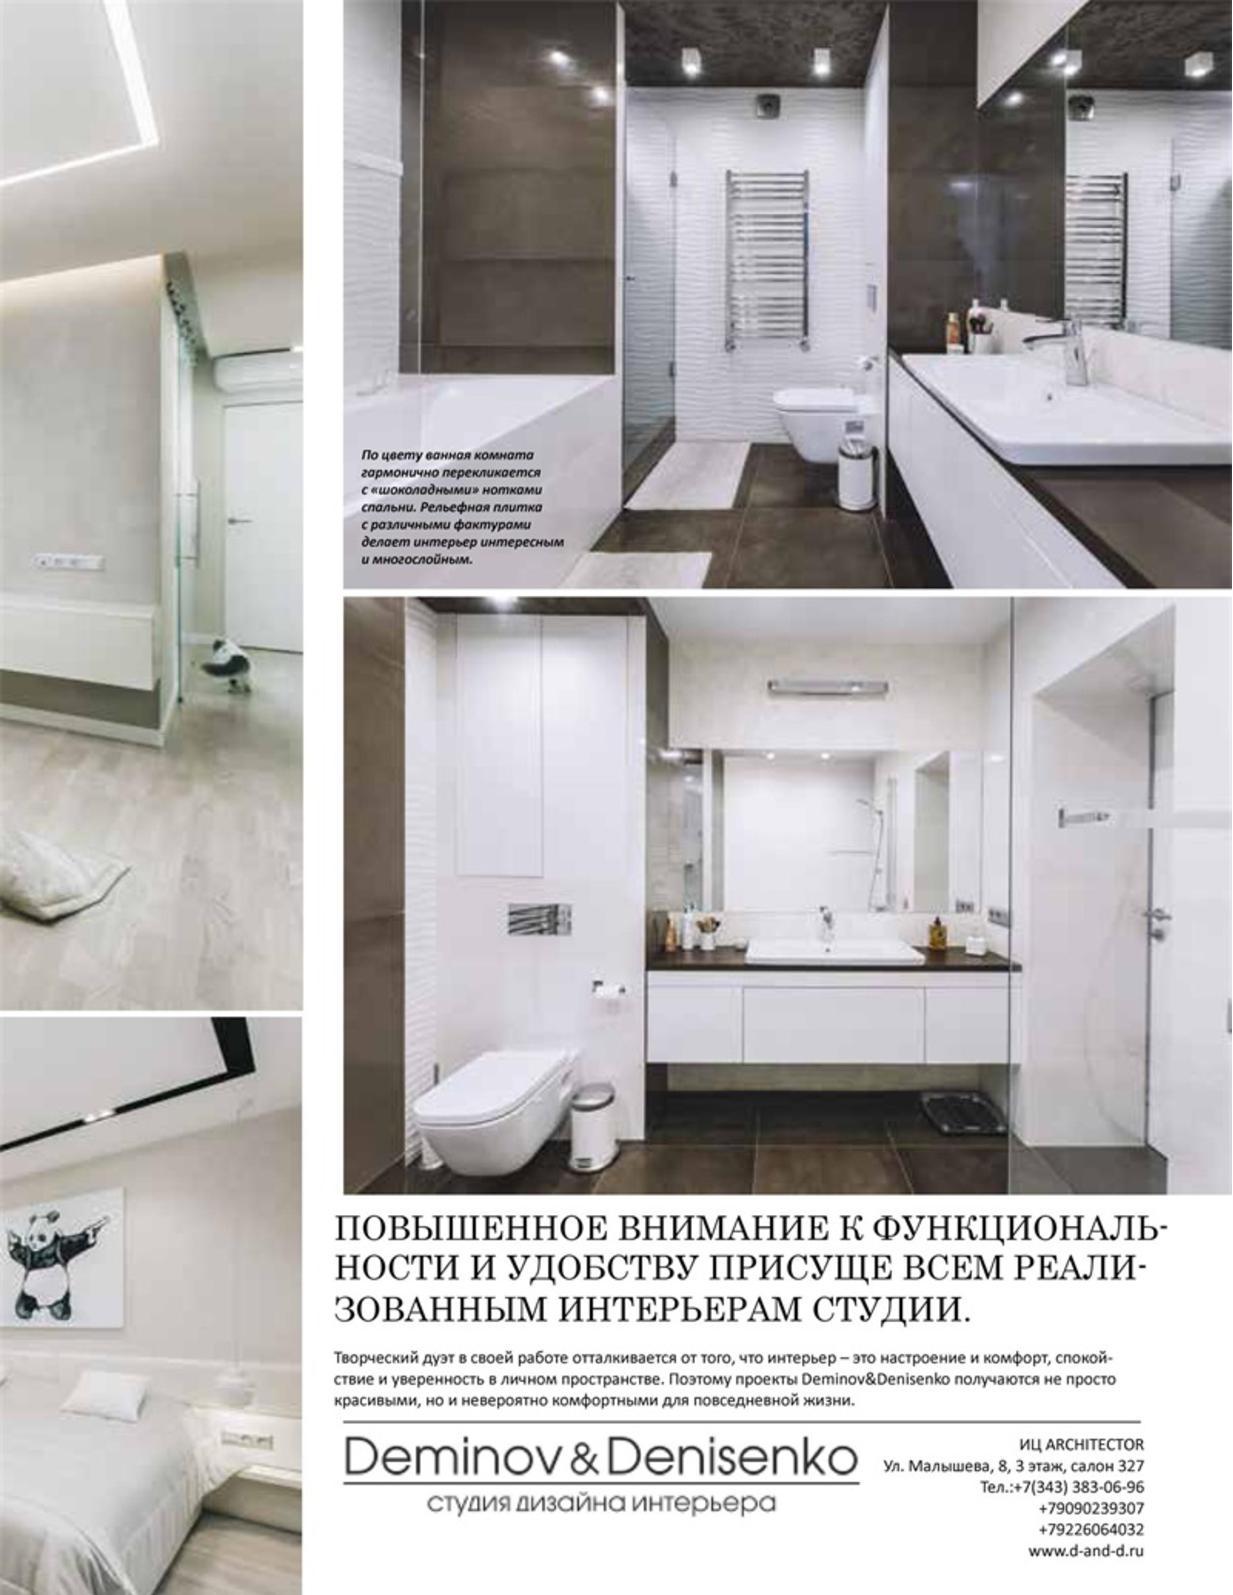 c48924e1703f Мебель Интерьер Екатеринбург №12 2017 2018 - CALAMEO Downloader